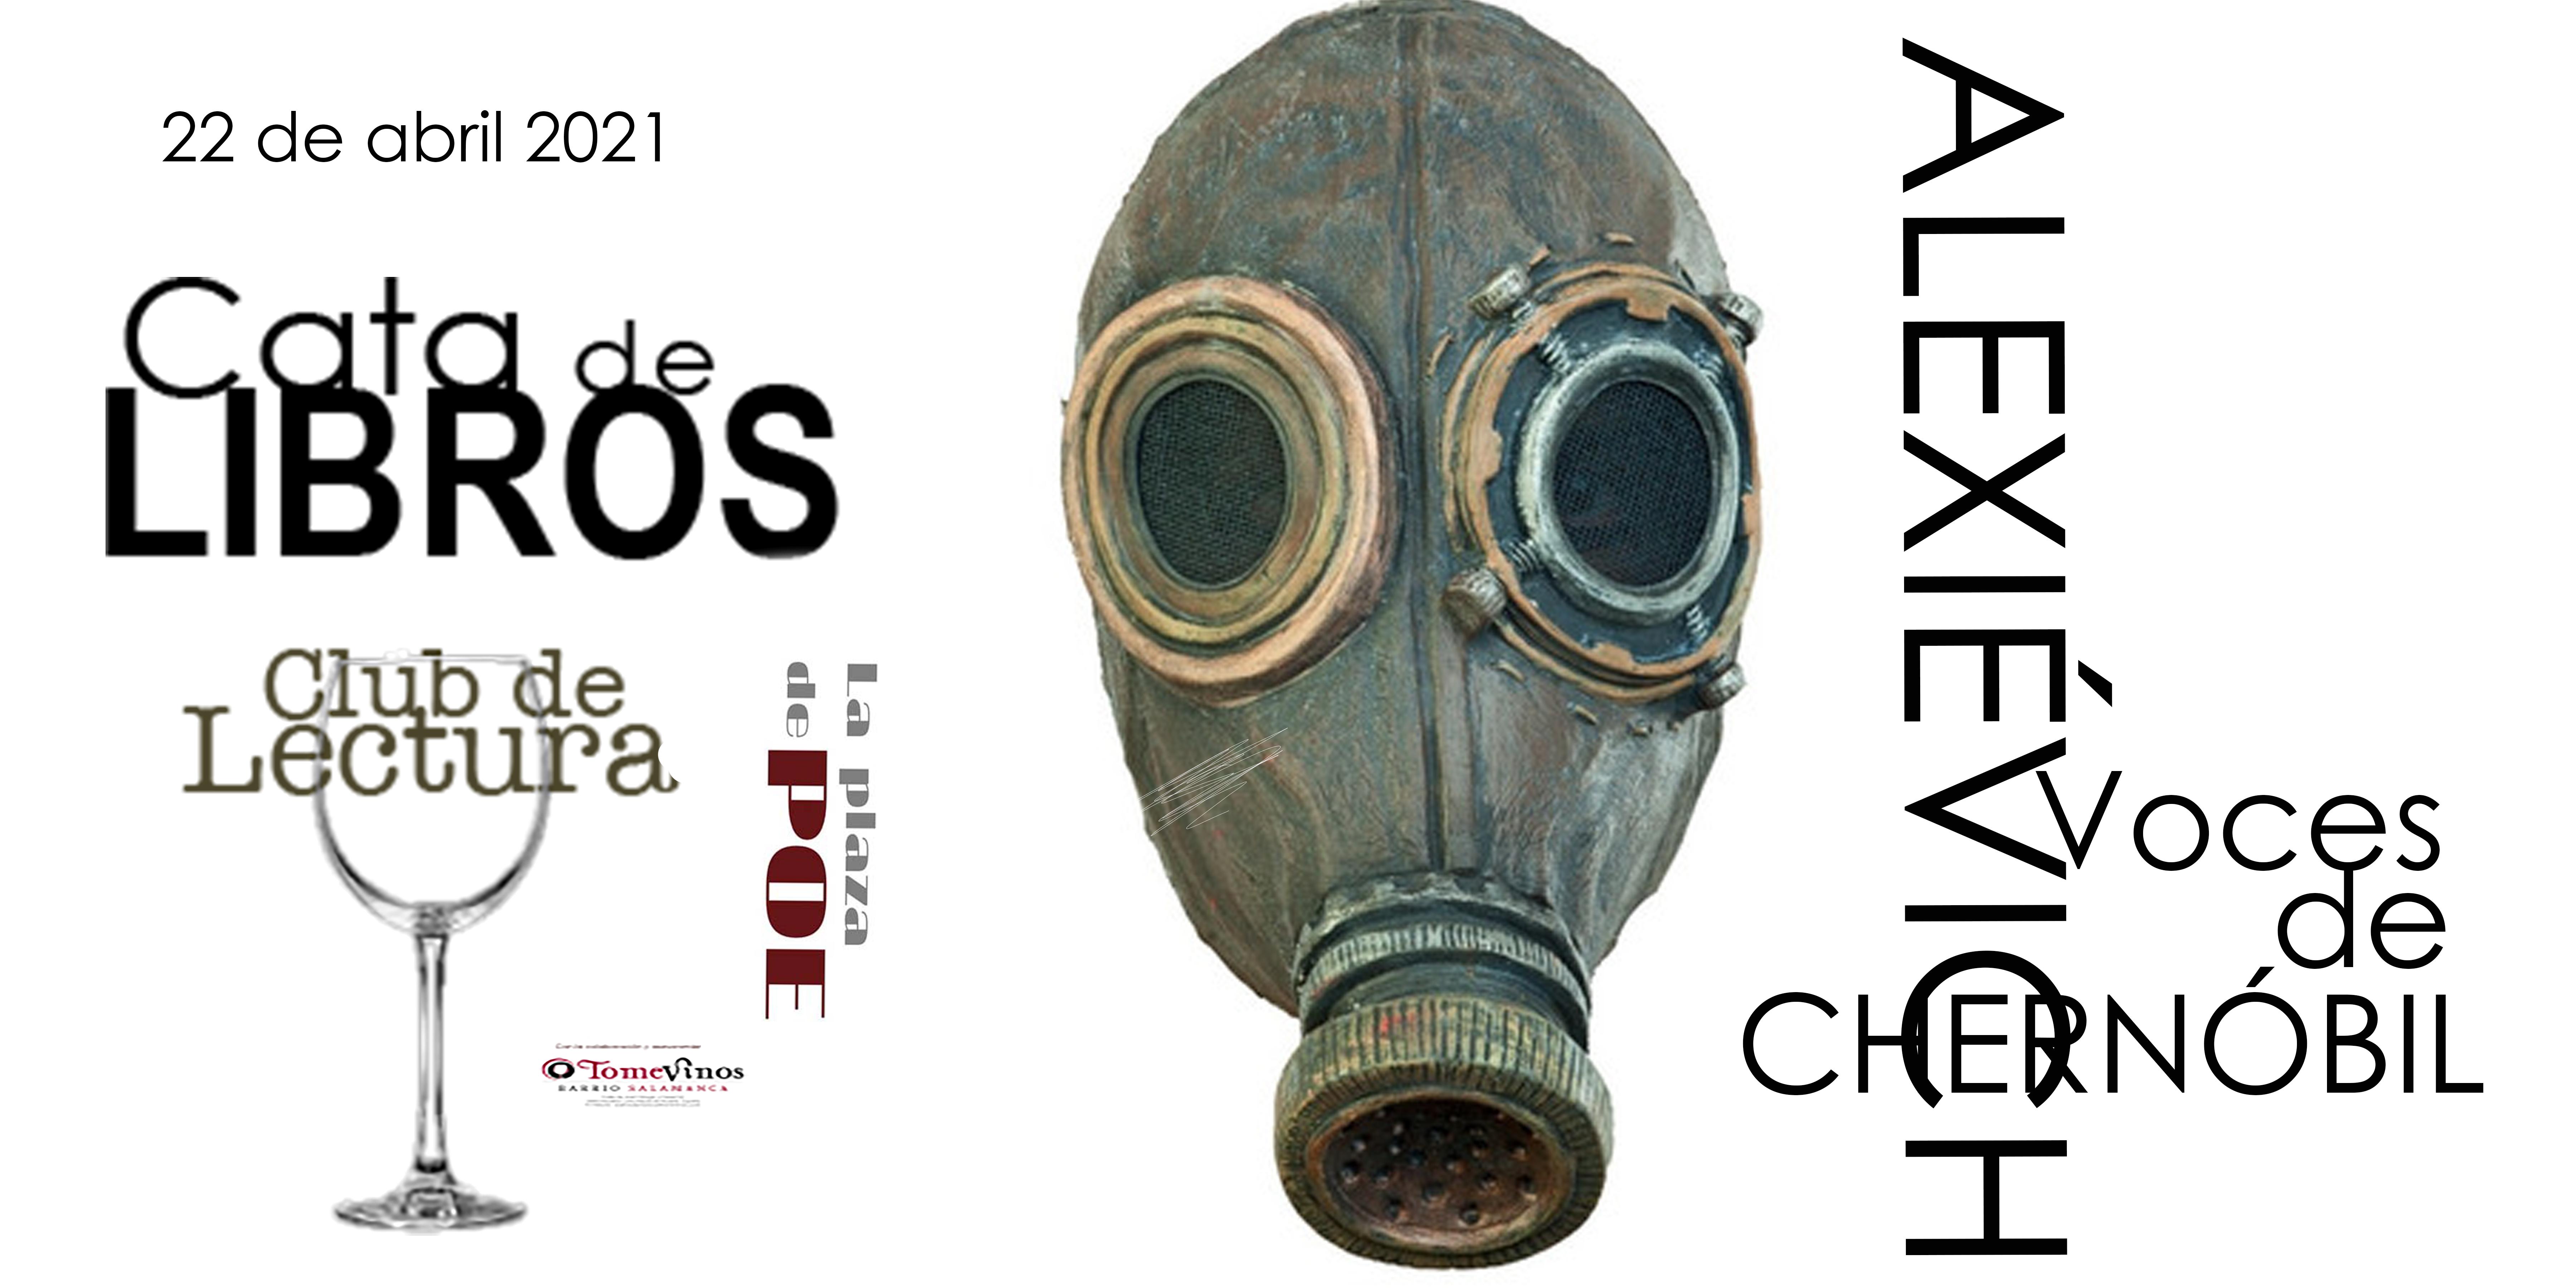 banner-cata-alecc81chievich-chernobil-2